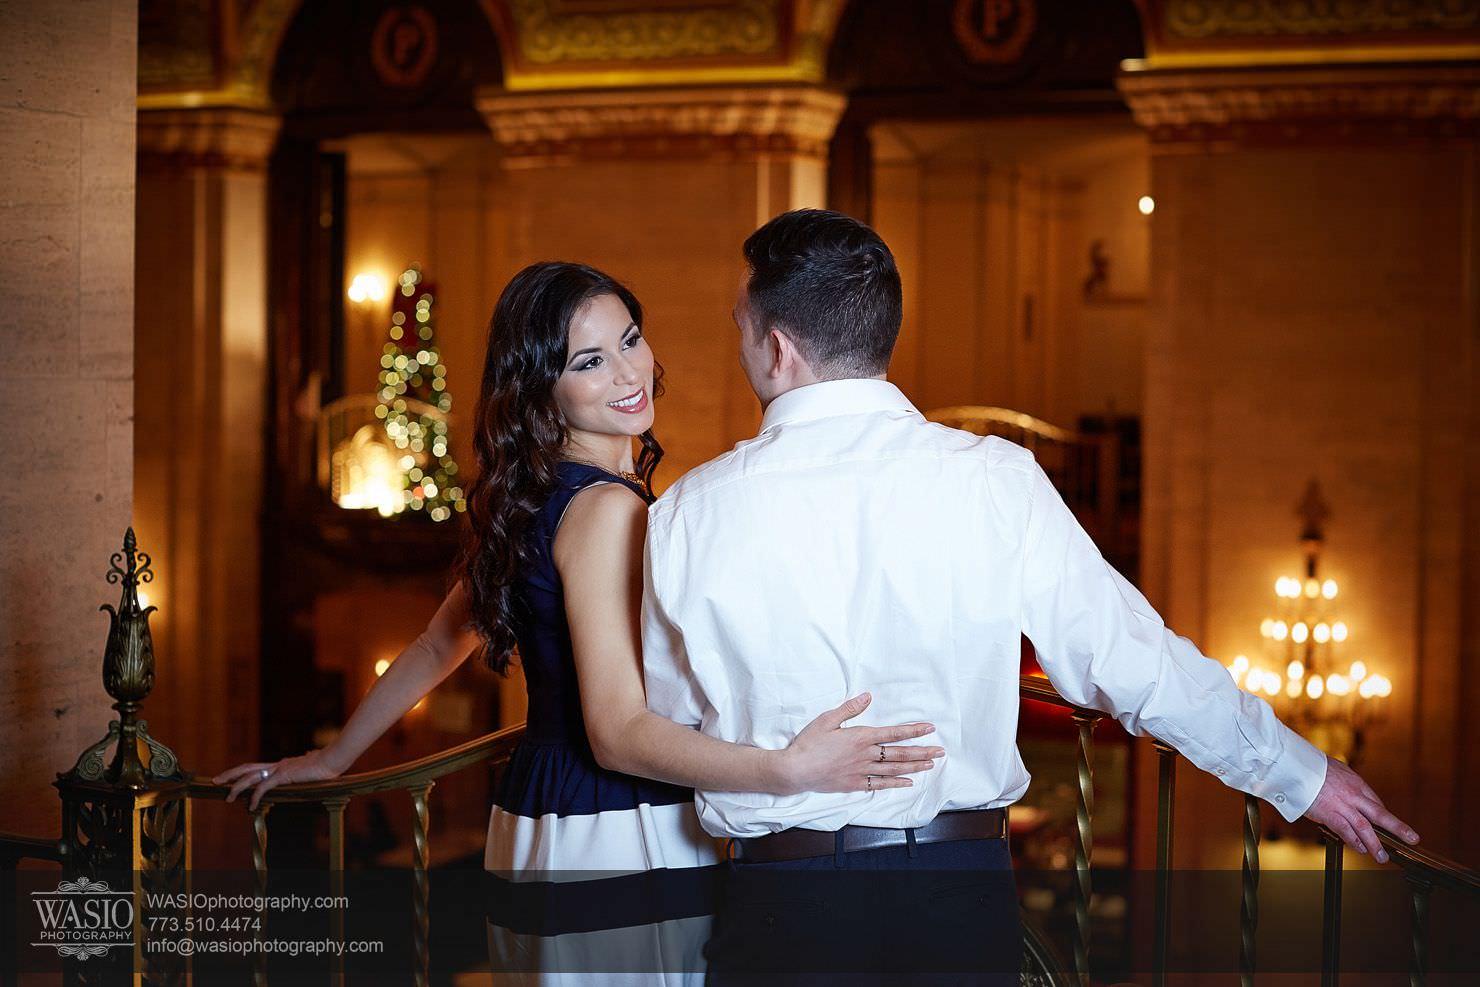 010-Chicago-Winter-Engagement Chicago Winter Engagement - Chrissy + Andrew